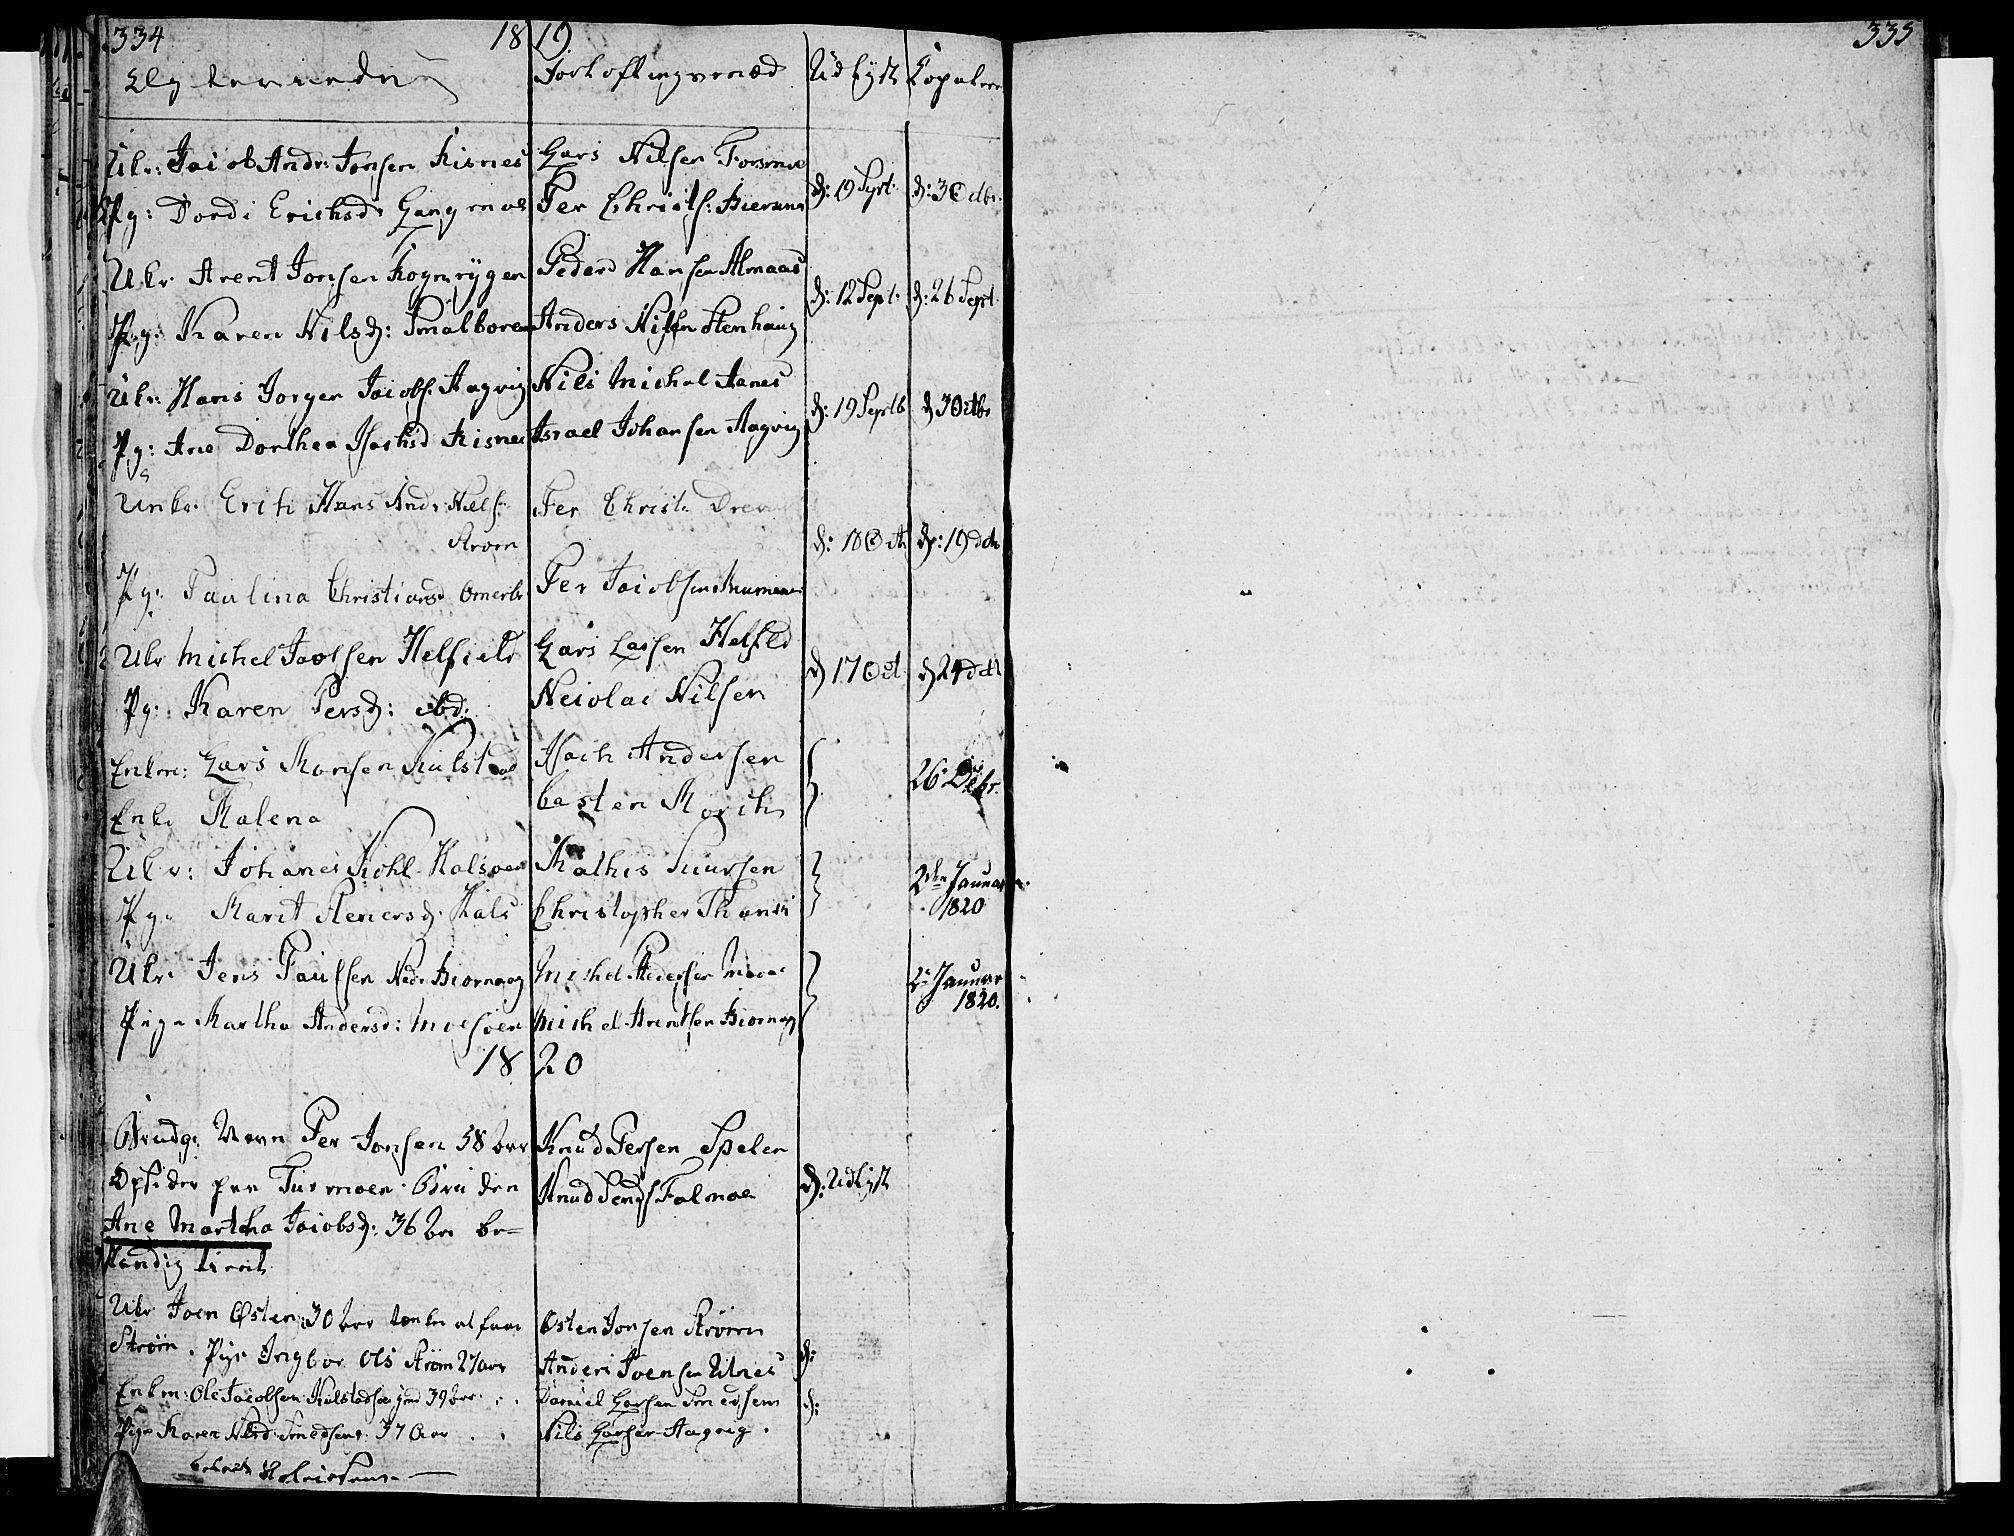 SAT, Ministerialprotokoller, klokkerbøker og fødselsregistre - Nordland, 820/L0287: Parish register (official) no. 820A08, 1800-1819, p. 334-335